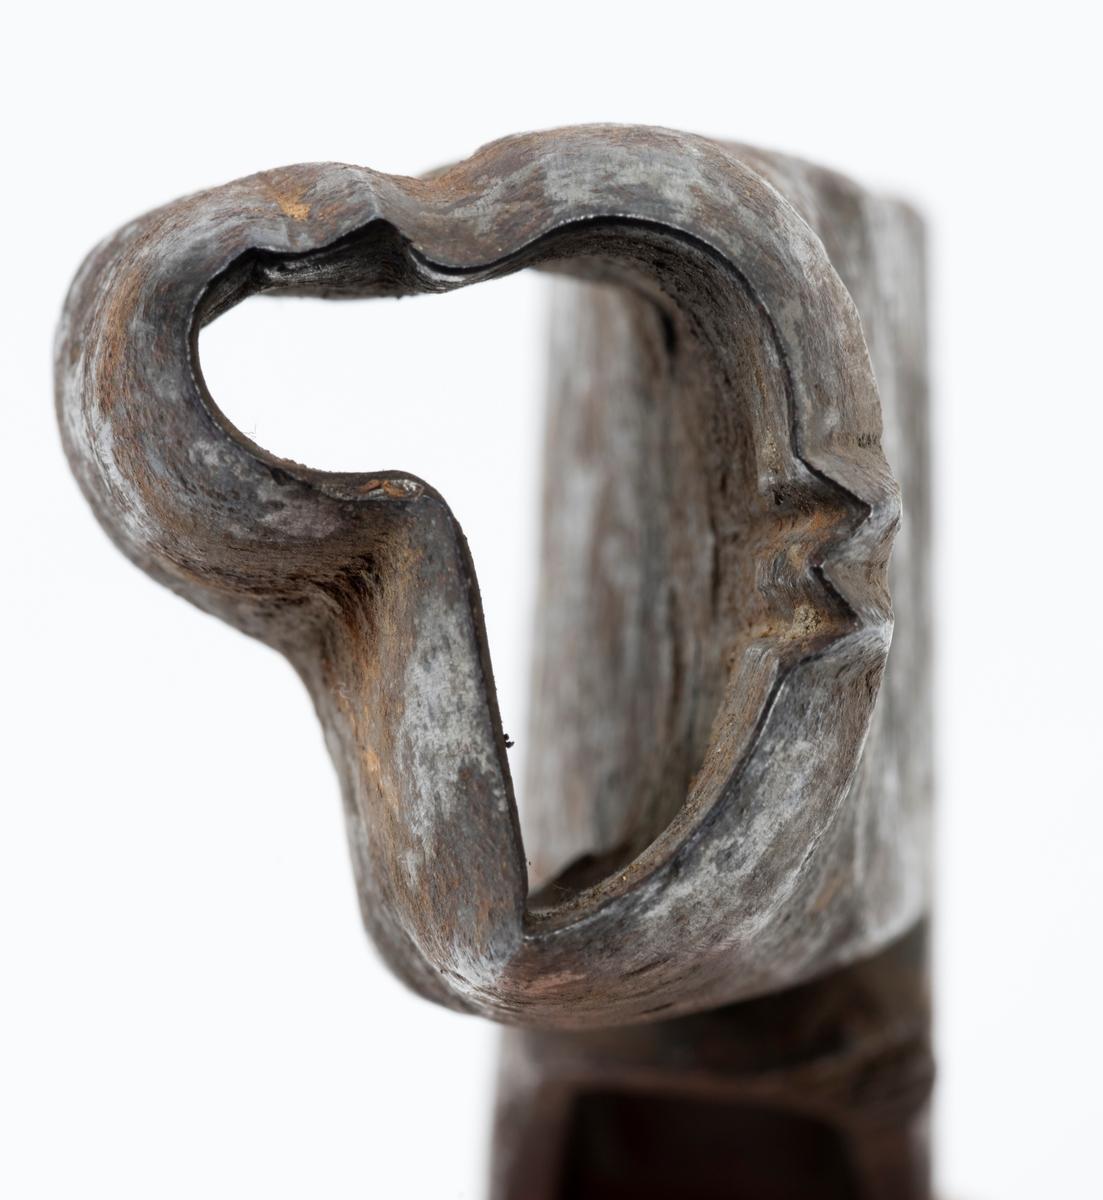 Merkeøksa var et redskap som ble brukt når tømmeret ble solgt fra skogeiere til trelasthandlere, sagbrukseiere og treforedlingsbedrifter. Slike økser hadde en profilert egg med et symbol som skulle slås inn i hver enkelt stokk i samband med tømmermålinga, før det ble rullet ut i vassdrag der det foregikk sams fløting av tømmer til mange ulike kjøpere. Merkene identifiserte de enkelte stokkenes rettmessige eiere når tømmeret seinere ble sortert ved lenseanlegg i de nedre delene av vassdragene med sikte på fordeling blant kjøperne. De var også identifikasjonsgrunnlag dersom de som organiserte fløtinga ikke fikk betaling fra dem som eide fløtingsvirket, og derfor så seg nødt til å drive inn det de hadde til gode ved å selge noe av debitorenes tømmer.  Merkeøksene ble antakelig introdusert i norsk skogbruk på 1700-tallet. Før den tid ble tømmeret merket med rissejern, som ble brukt til å forme symboler som knyttet hver stokk til en spesiell kjøper. Rissejernene trengte ikke djupt inn i yteveden på tømmerstokkene, og slitasjen stokkene ble utsatt for i nærkontakt med steinskjær og annet tømmer førte til at rissemerkene kunne bli utydelige, nesten usynlige. På denne måten ble det mye såkalt «krabastømmer», stokker som det var nesten umulig å fastslå hvem som eide.   Eggpartiene på merkeøksene ble smidd rundt en kon mal av spesielt hardt stål. Smedene plasserte eggpartiet nederst på øksebladene, i noen tilfeller på venstre side, i andre tilfeller på høyre side. I 1908 lanserte smeden Carl Henrik Knudsen fra Mjøndalen i Nedre Eiker i Buskerud en øksemodell der merkedelen ble sveiset fast til «beina» på en U-formet utsparing på den nedre delen av bladet, som tjente som «flisrom». Knudsen-øksa som var bedre balansert enn de tradisjonelle modellene. Modellen ble patentert, og produksjonen ble videreført av opphavsmannens sønn og sønnesønn. Andre smeder fortsatte å levere merkeøkser med der eggpartiet var plassert på ei av bladsidene.  Tømmermerkene skulle ha en distinkt form, 